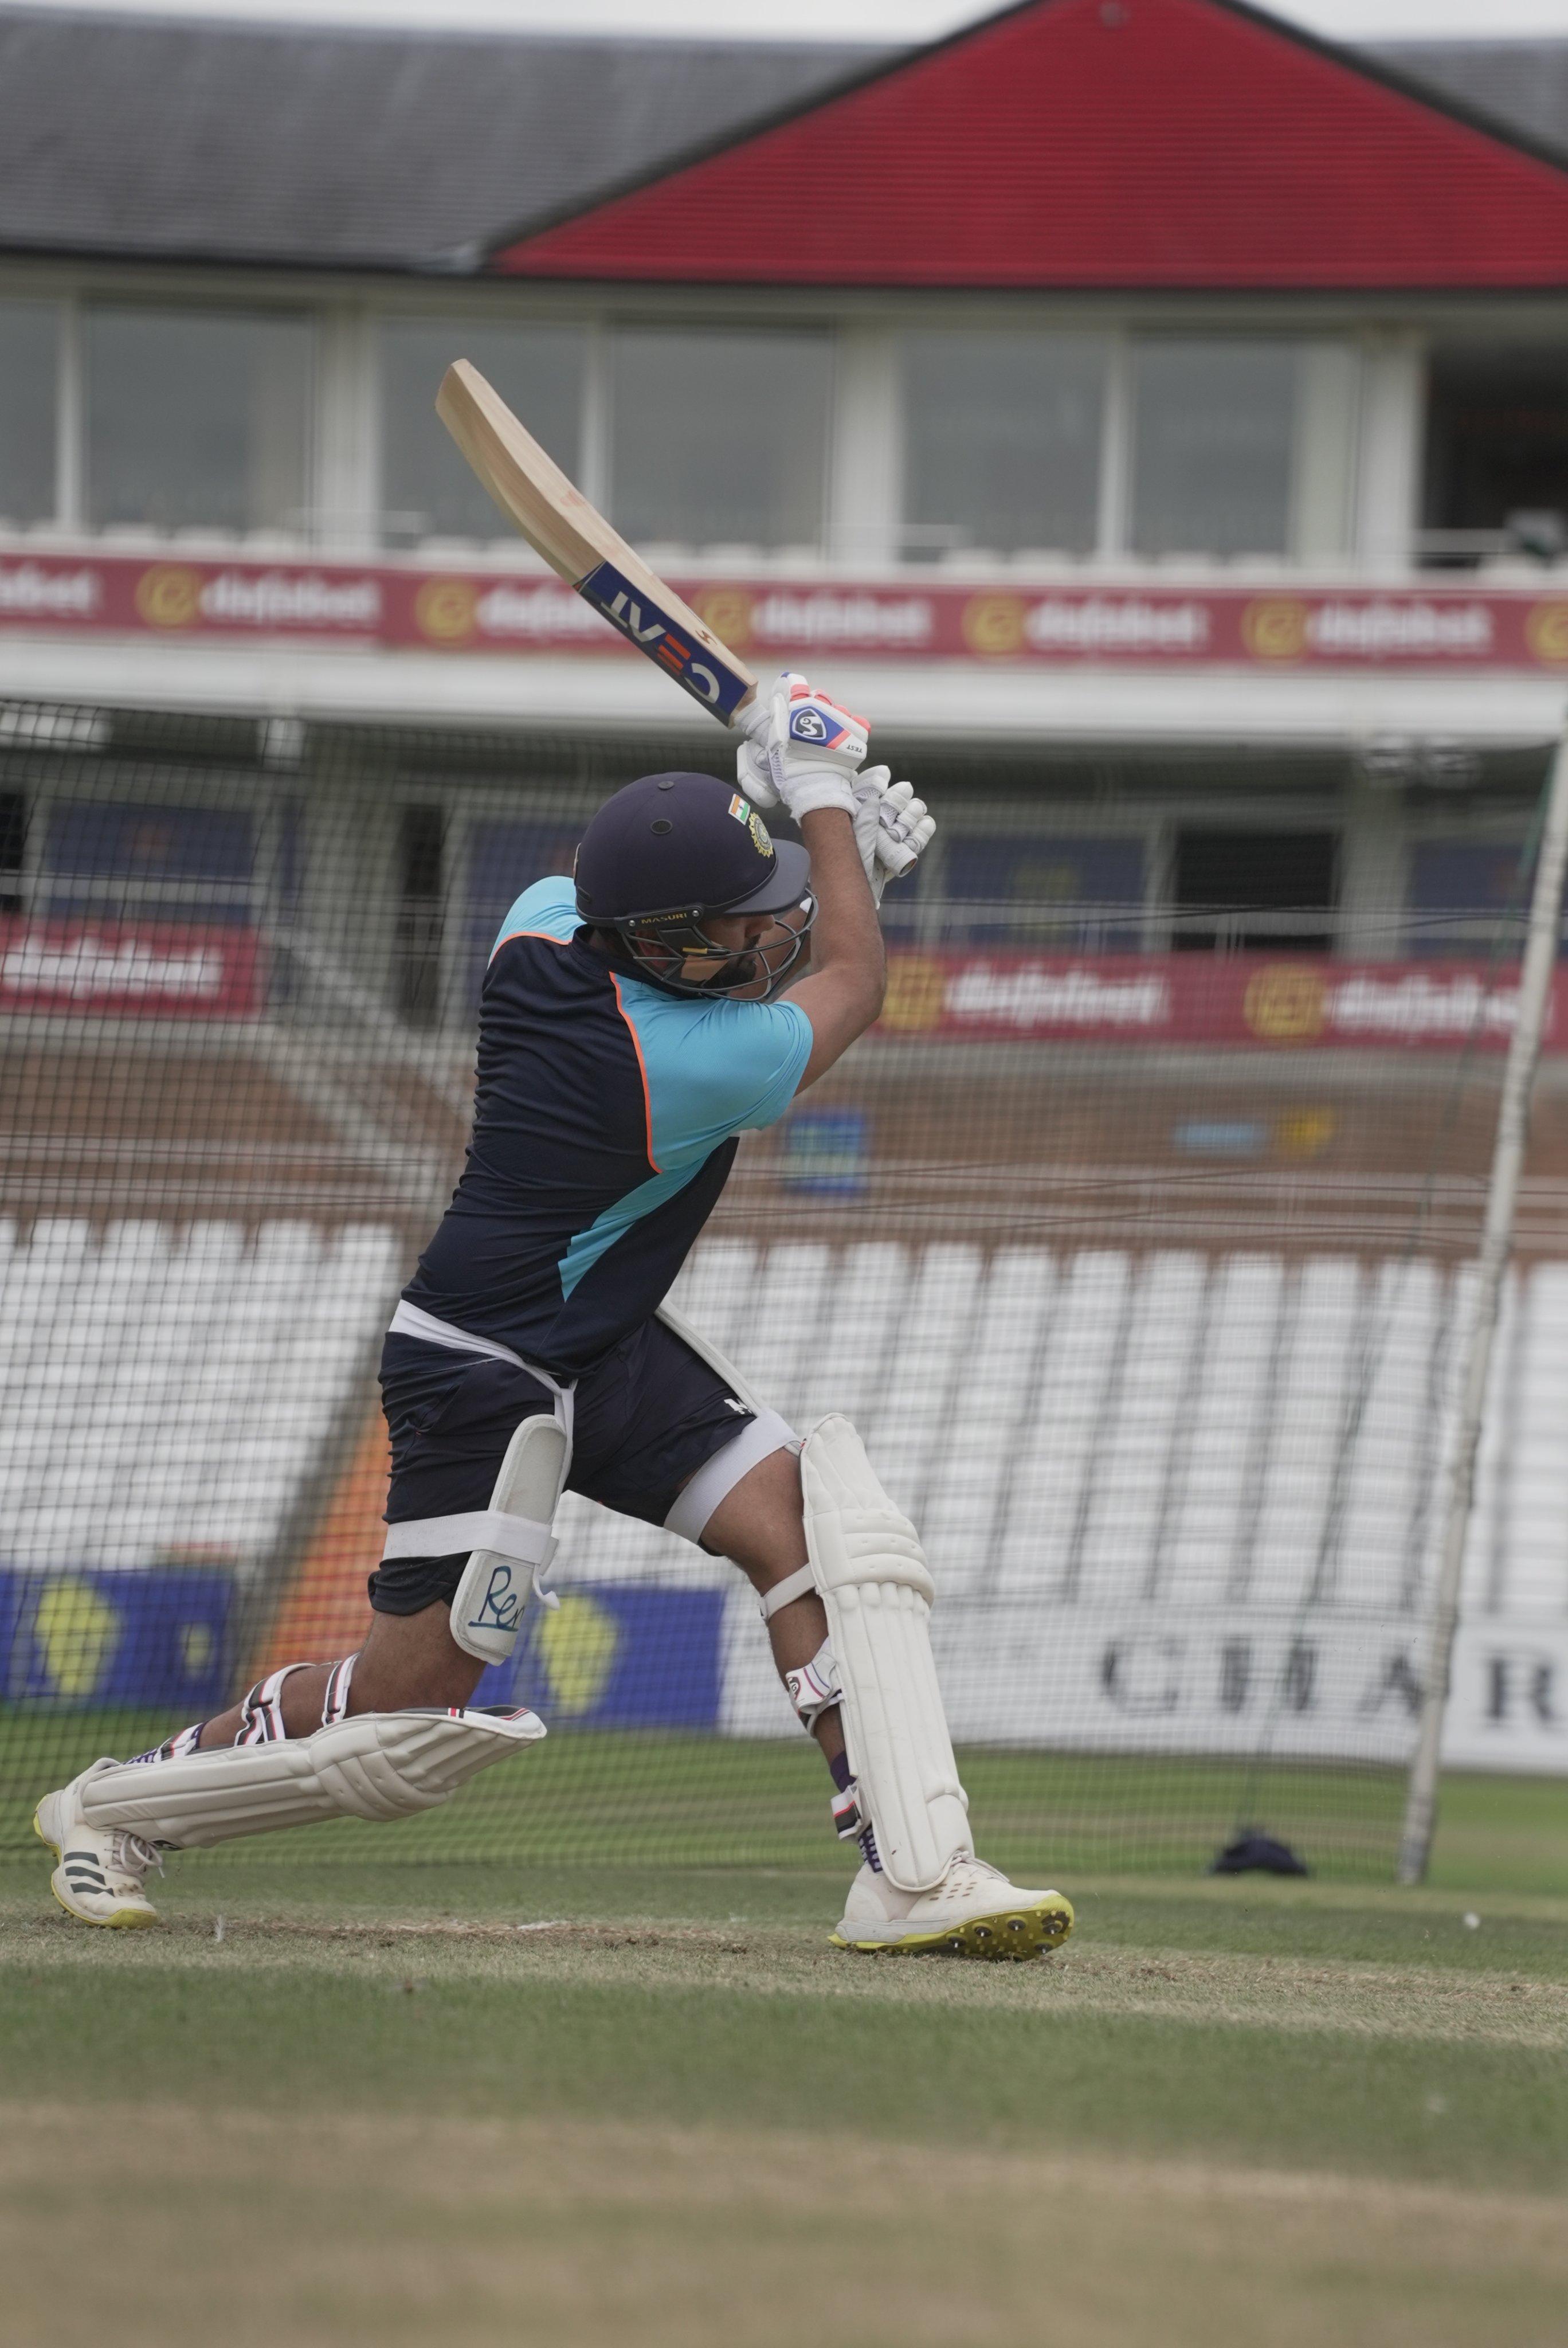 ইংল্যান্ডের বিরুদ্ধে টেস্ট সিরিজ জিততে বদ্ধপরিকর টিম ইন্ডিয়া।